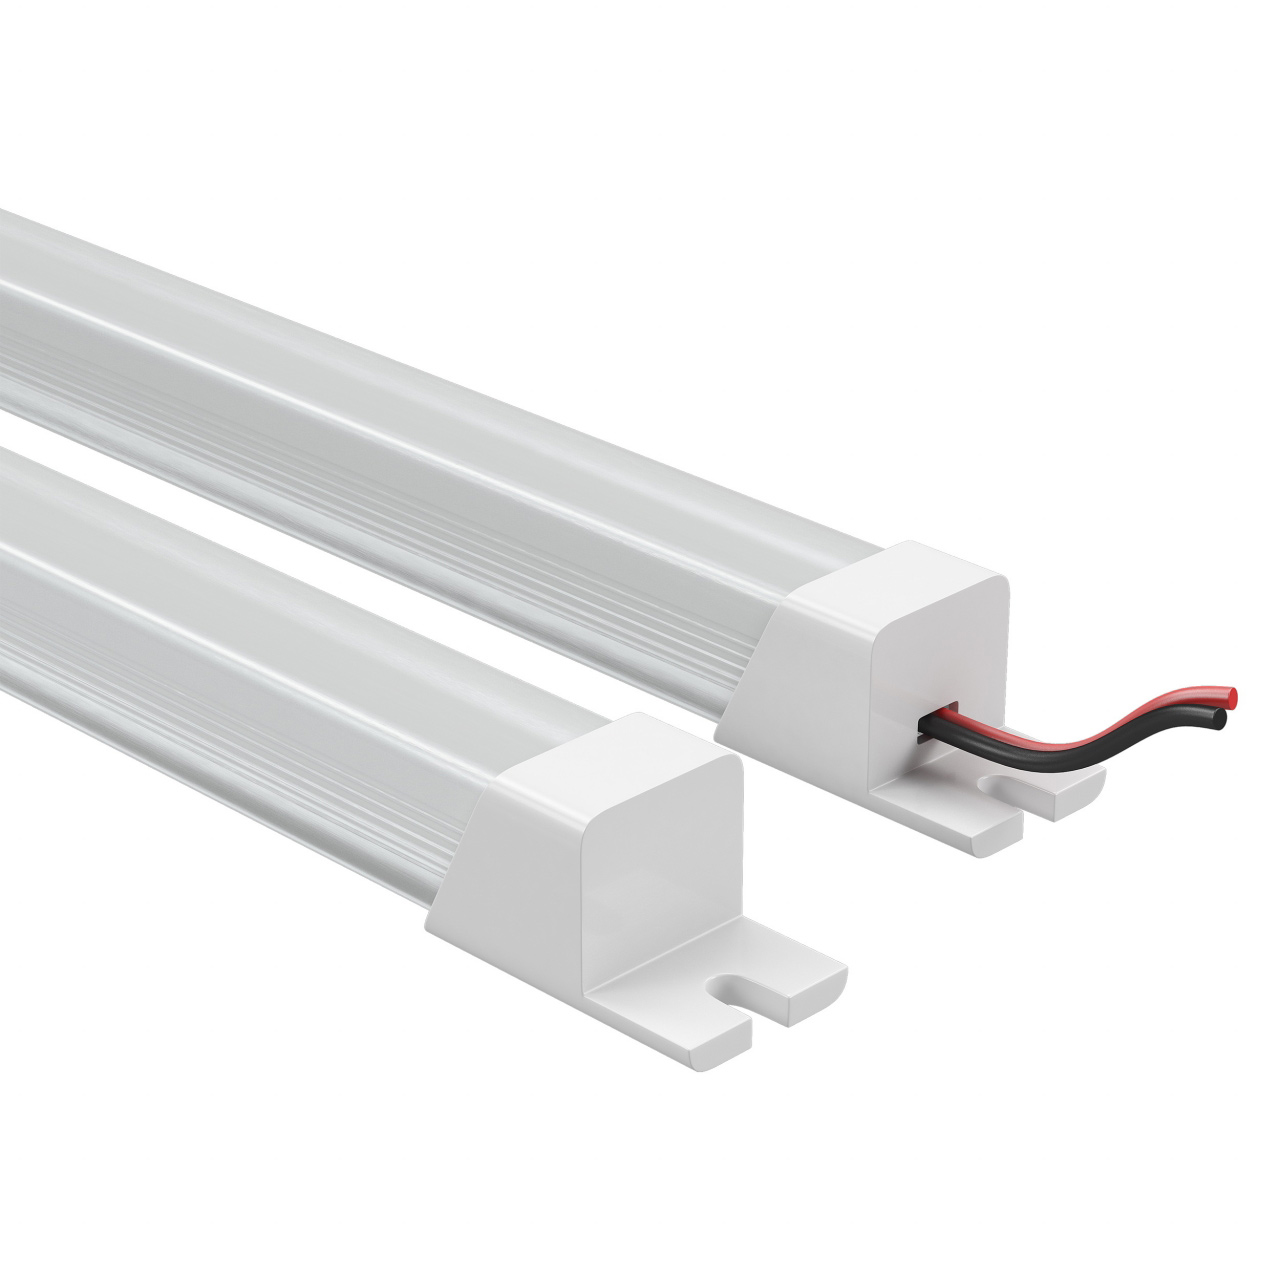 Лента в PVC-профиле Profiled 400012 12V 9.6W 120LED 3000K с прямоугольным рассеивателем, пластик, 1шт 1м Lightstar 409112